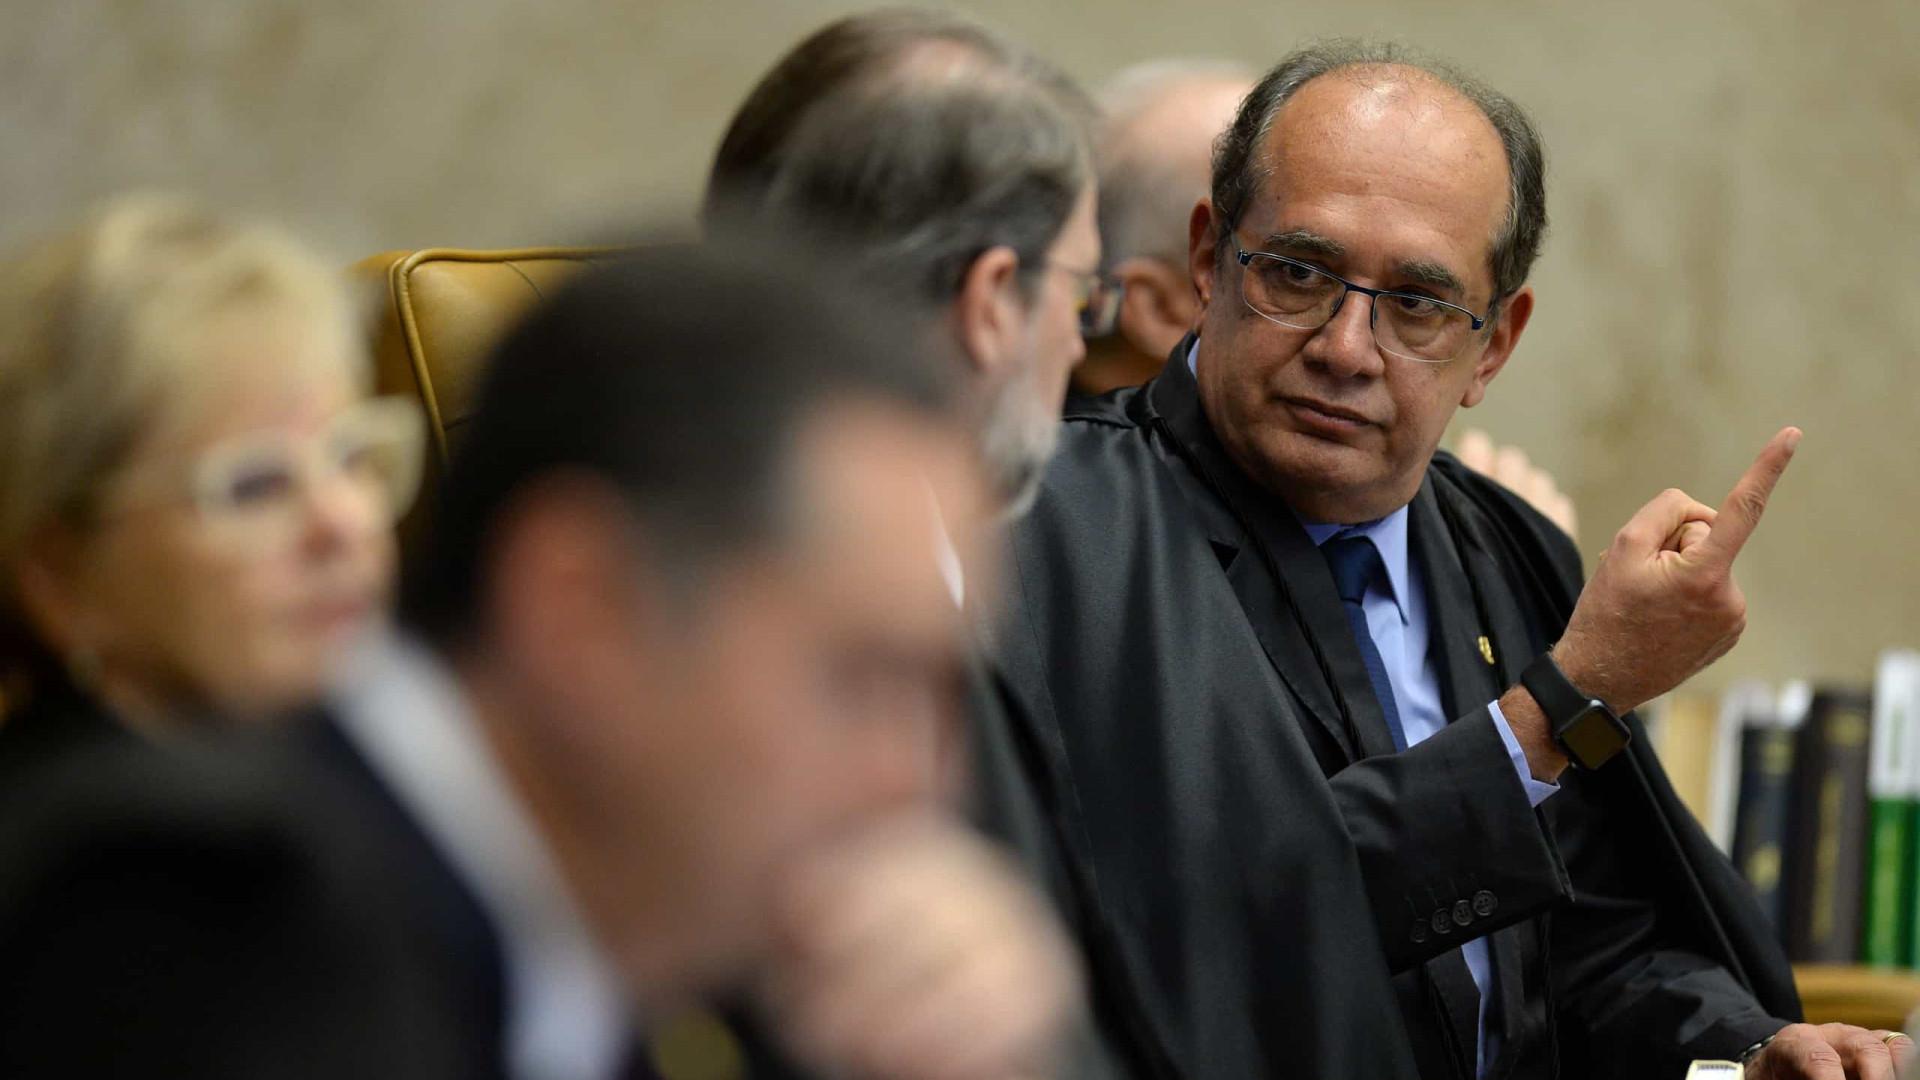 STF suspende julgamento sobre liberação de cultos após críticas de Gilmar a Mendonça e Aras